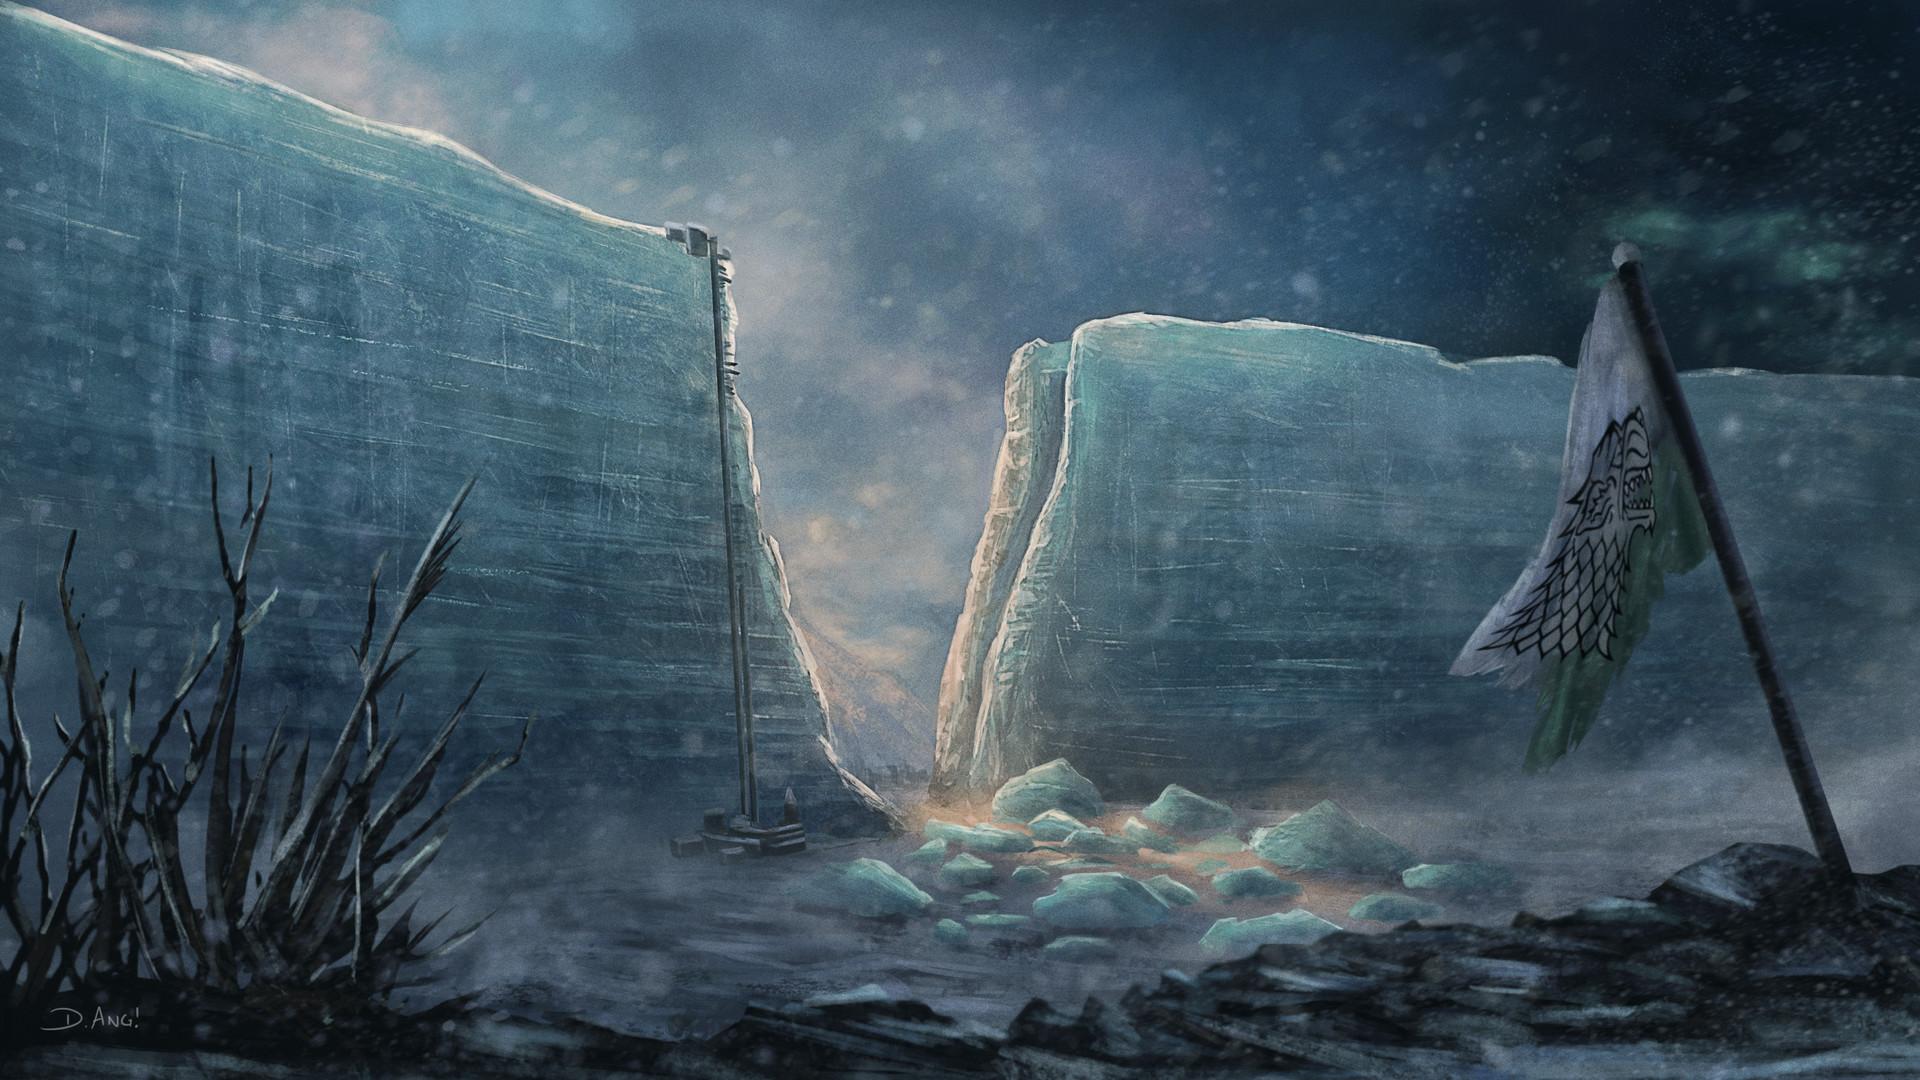 Daniel ang the broken wall final